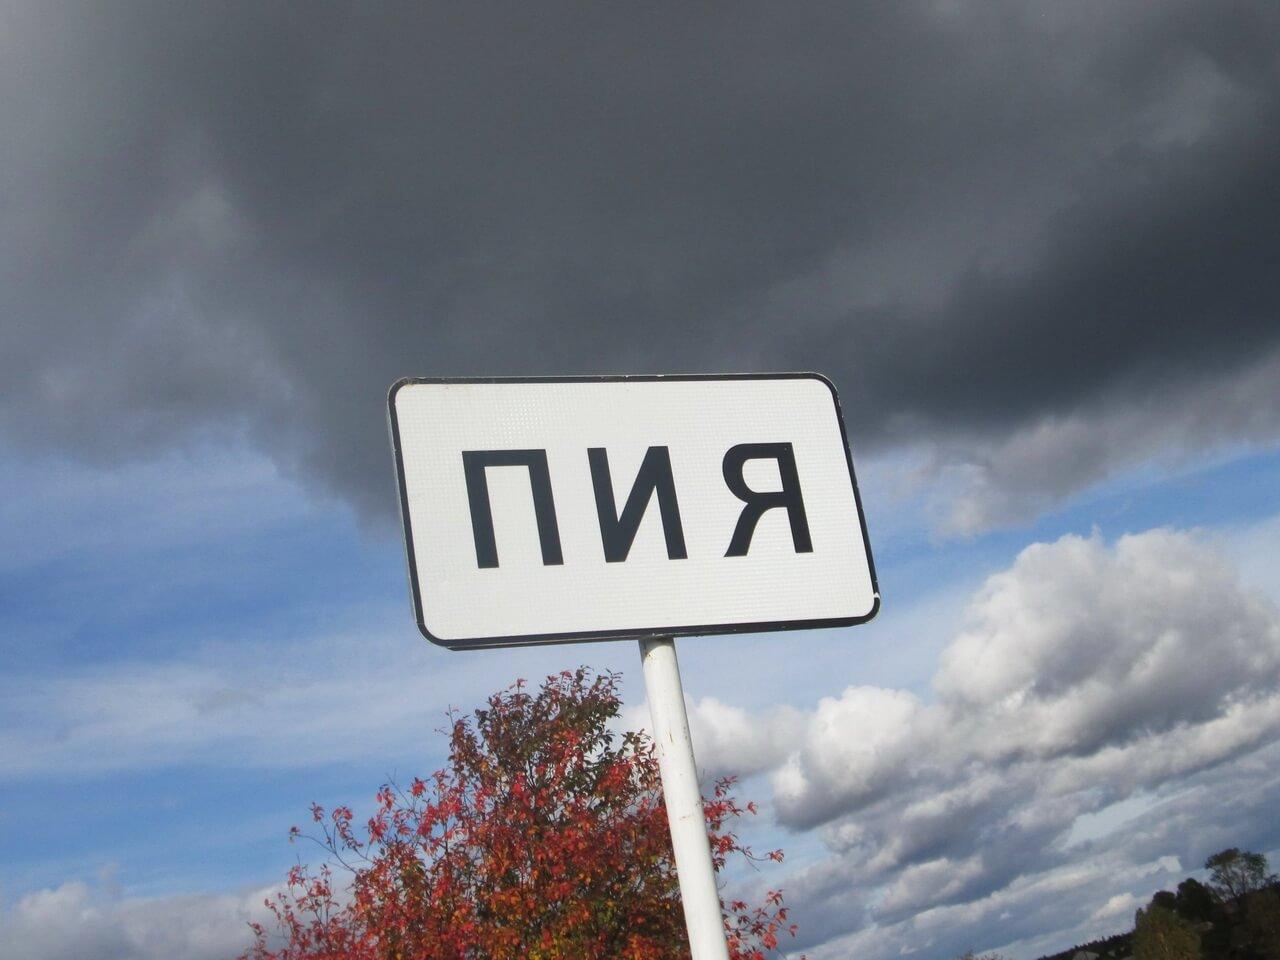 Село Пия